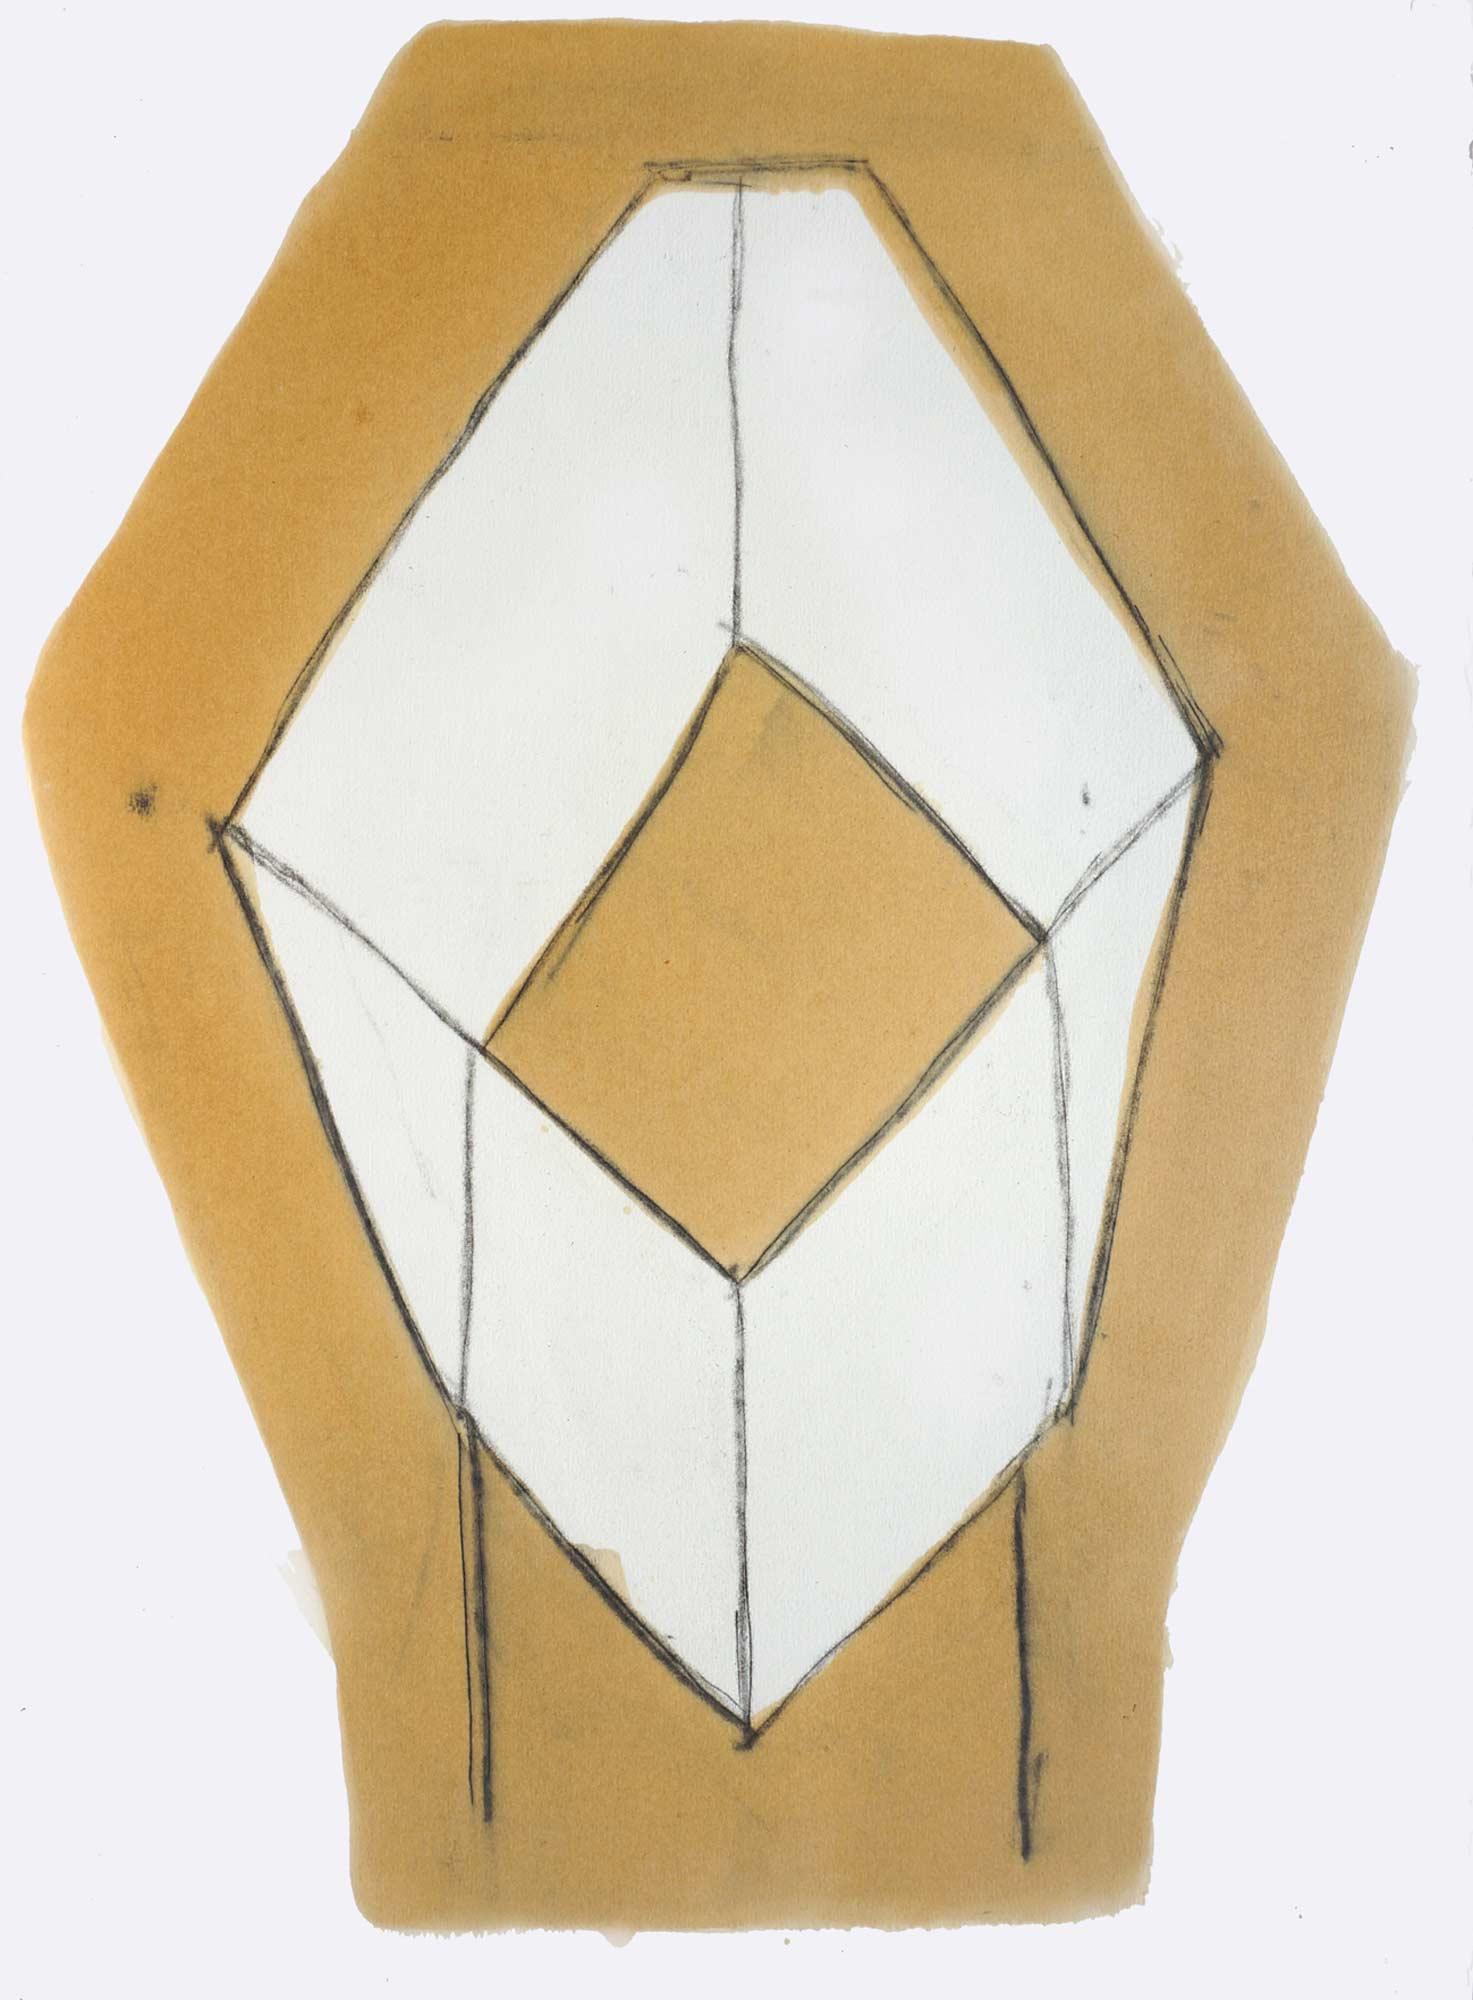 Bac  - 1988 – Encre, gomme laque, 60 x 50 x cm. Denis Falgoux